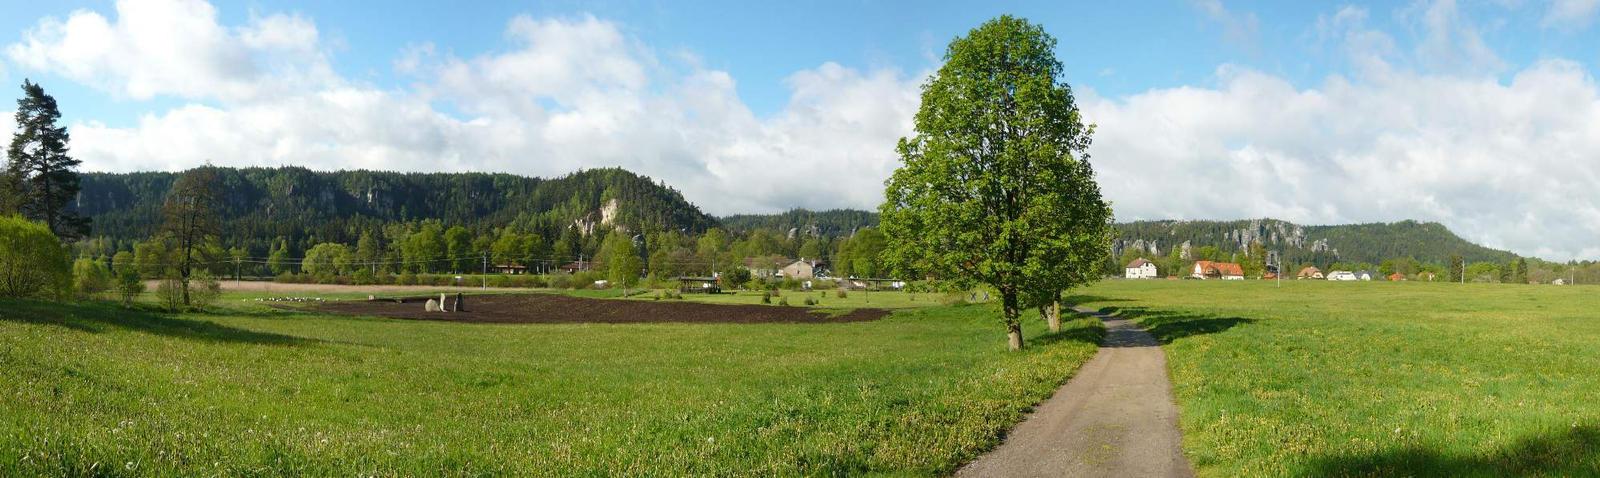 Adrspach panorama by LaRoseDePetitPrince